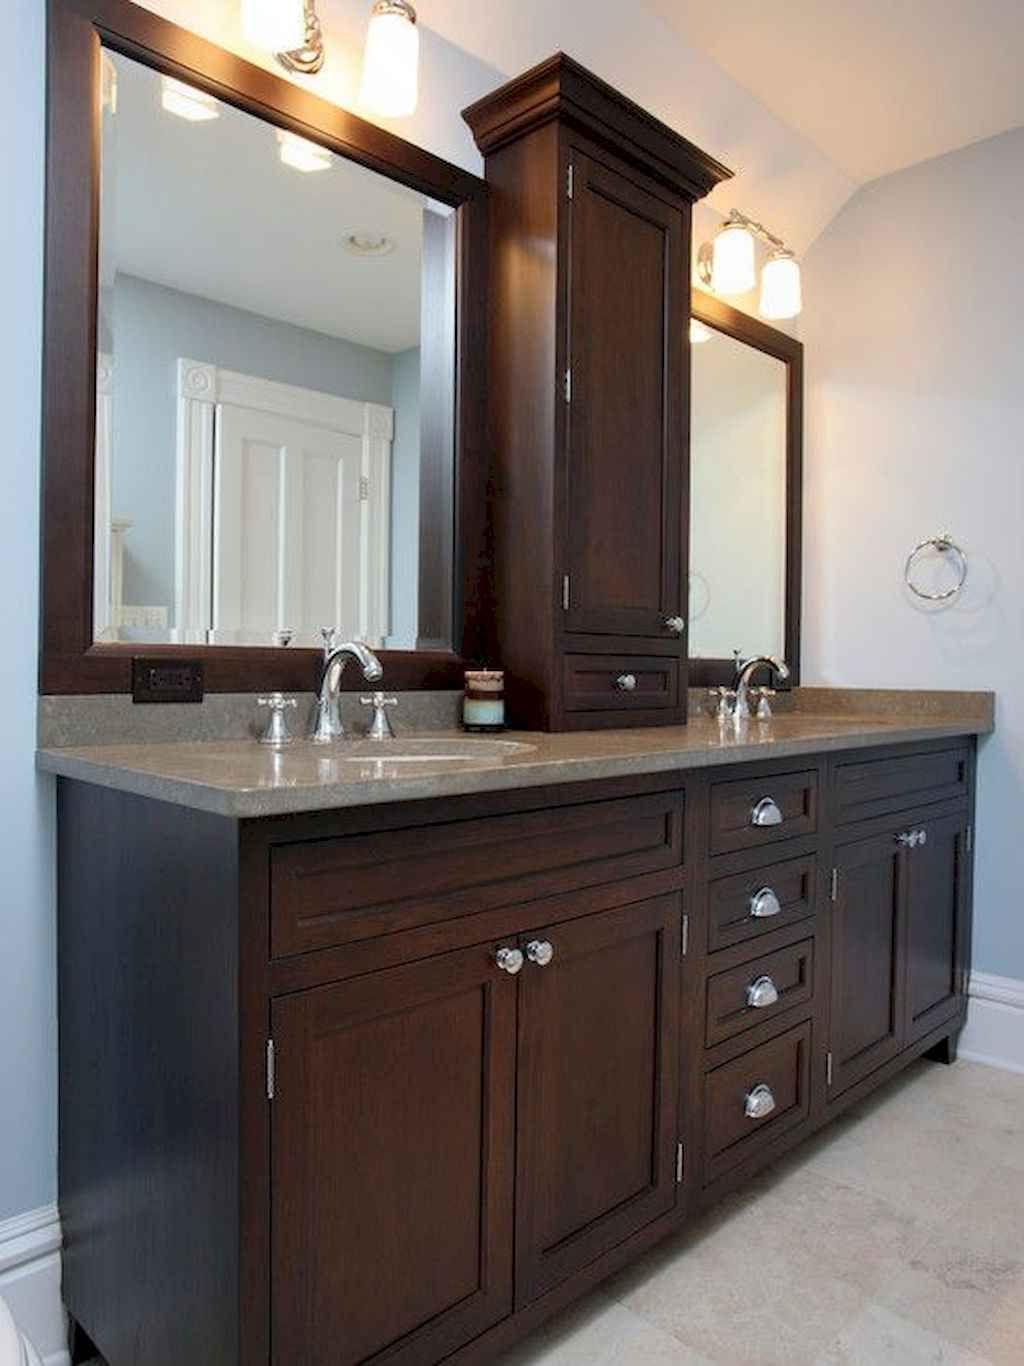 75 Genius Bathroom Cabinet Storage Ideas Setyouroom Com Traditional Bathroom Bathroom Vanity Designs Beautiful Bathroom Cabinets